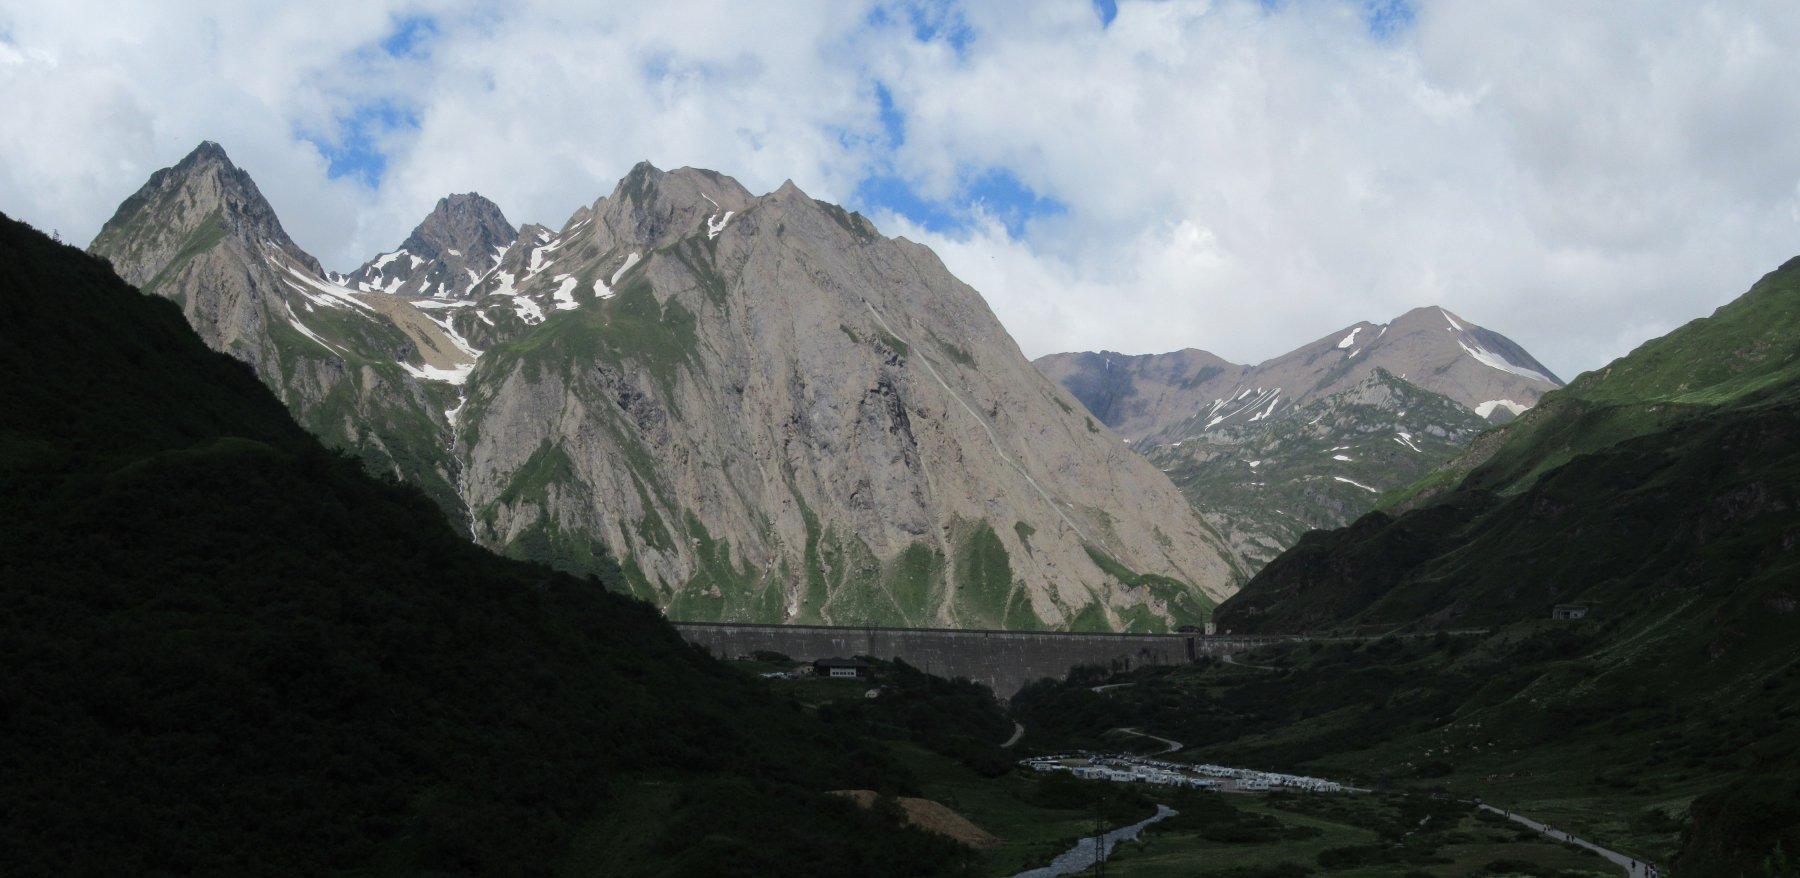 La diga di Morasco e le vette dell'alta val Formazza